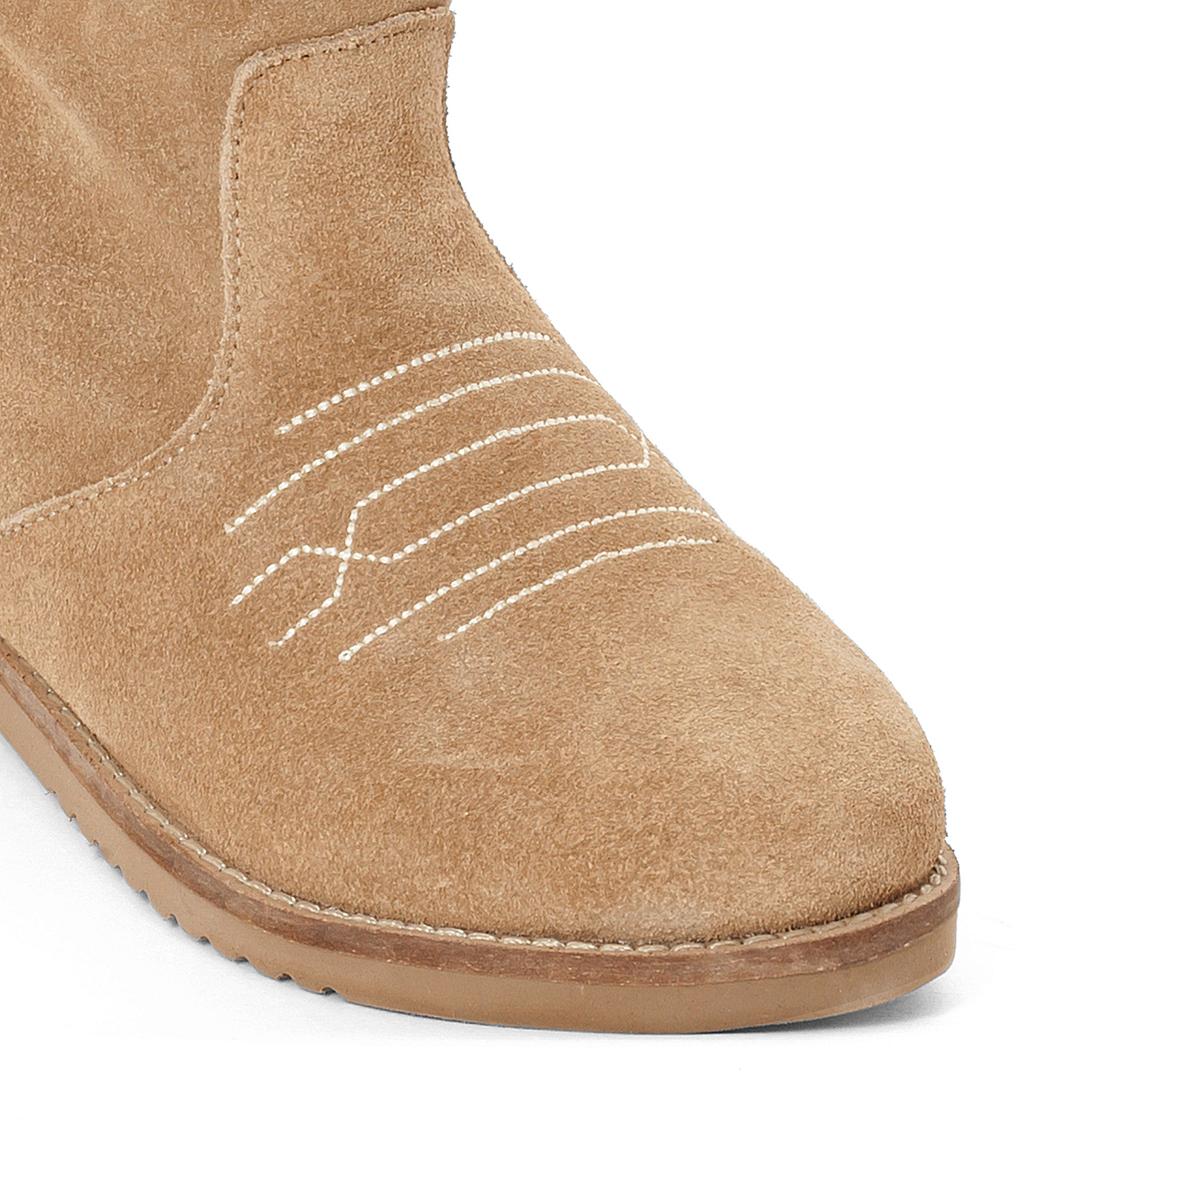 Ботильоны из кожи  QuartzВерх : Кожа. Подкладка : текстиль Стелька : Кожа. Подошва : синтетика Форма каблука : плоский каблук Носок : закругленный Застежка : без застежки<br><br>Цвет: бежевый<br>Размер: 36